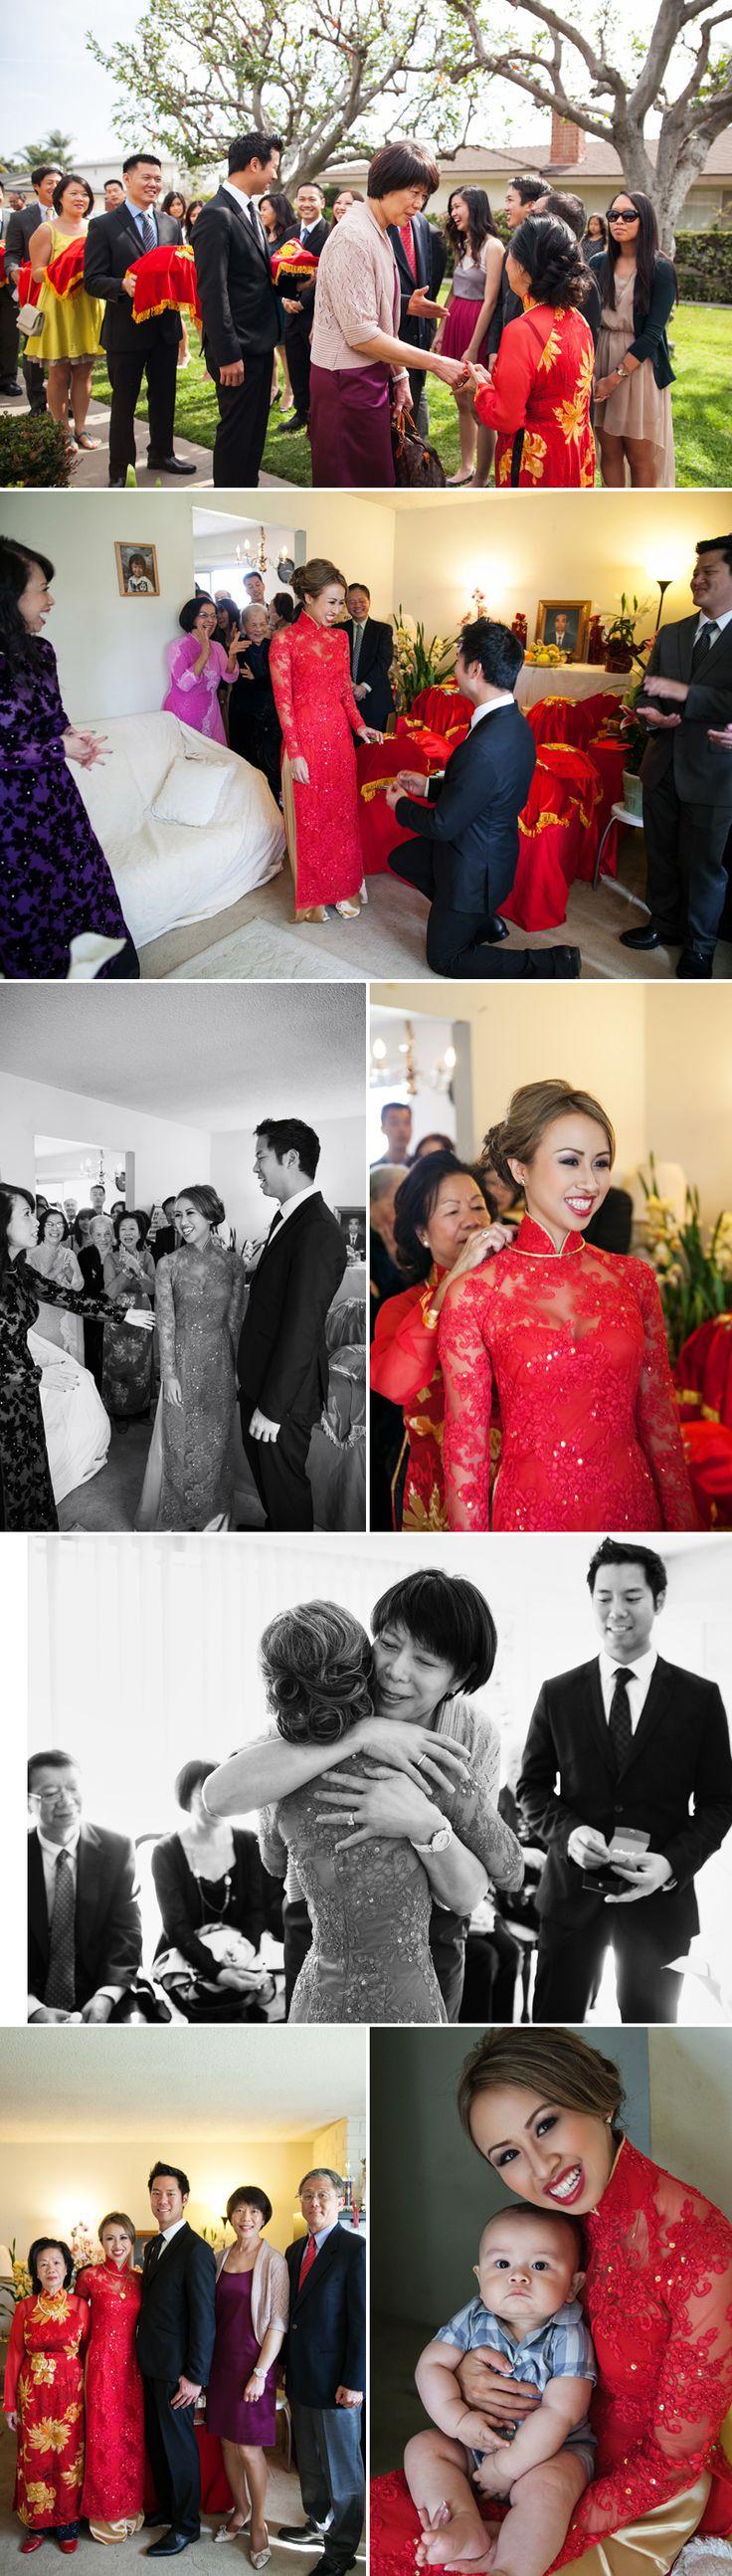 JASON + KIM LE — Our Dam Hoi by Kim Le Last Sunday we had our...